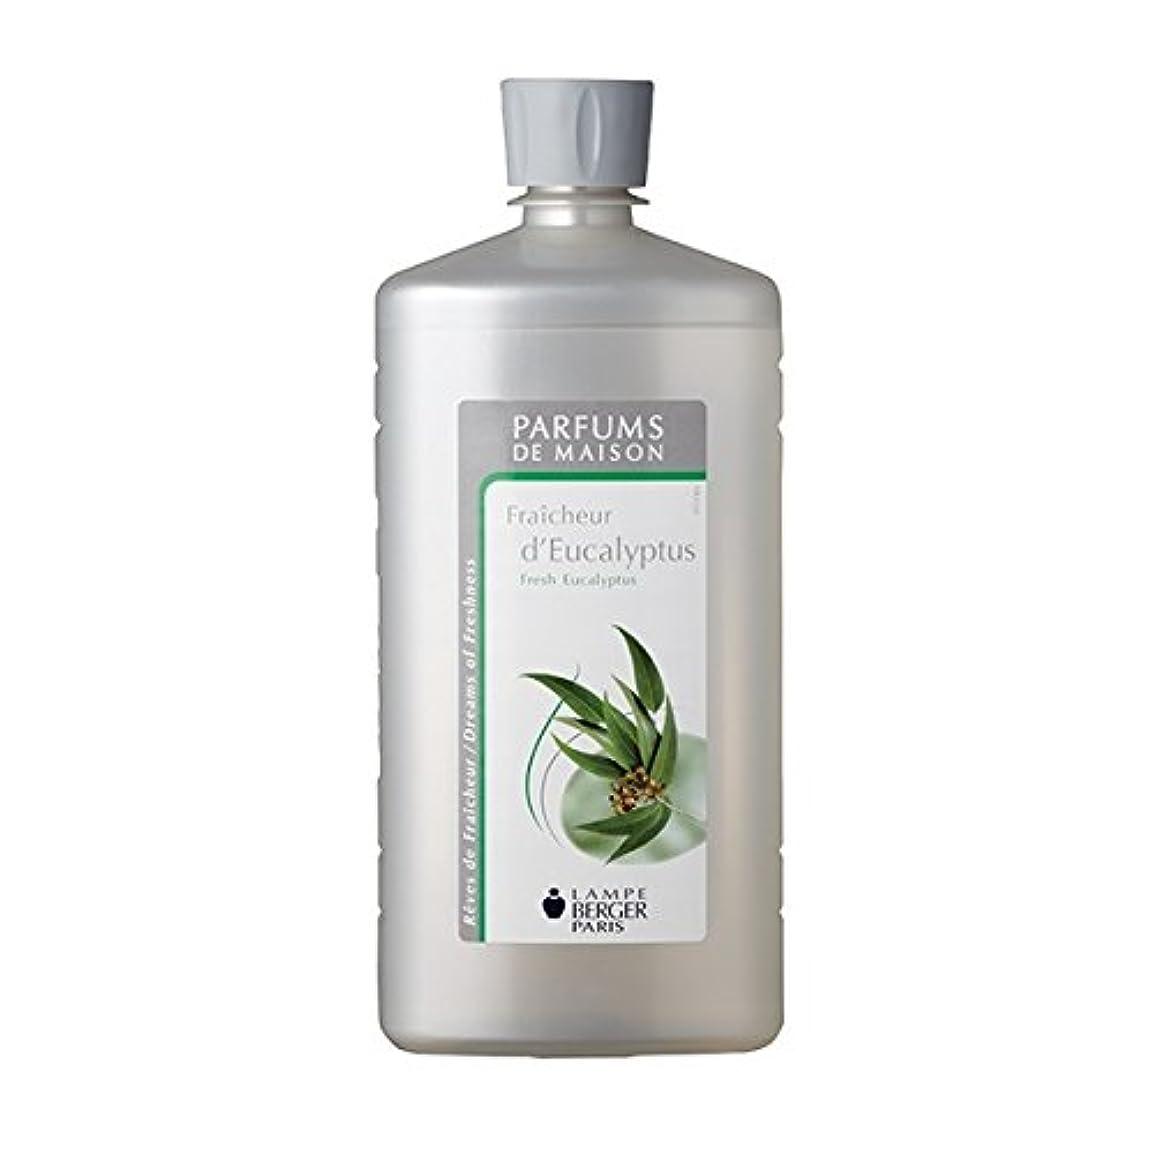 イタリック小さなジョージハンブリーランプベルジェオイル(ユーカリ)Fraîcheur d'Eucalyptus Fresh Eucalyptus